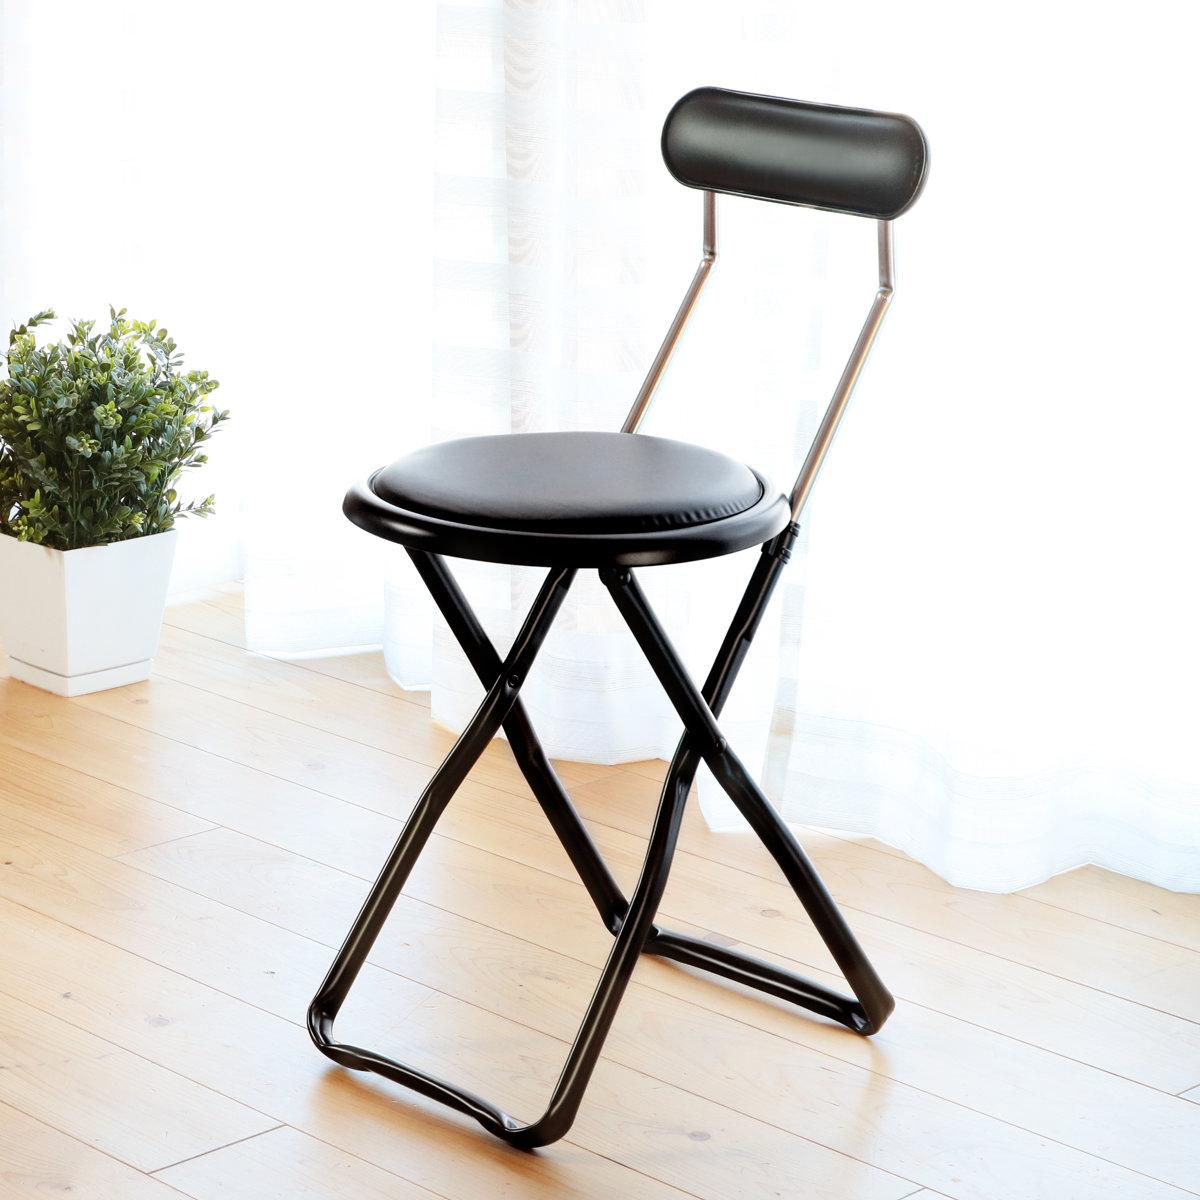 行楽の季節のお供に!持ち運びに便利&コンパクトな簡易椅子のおすすめはどれですか?